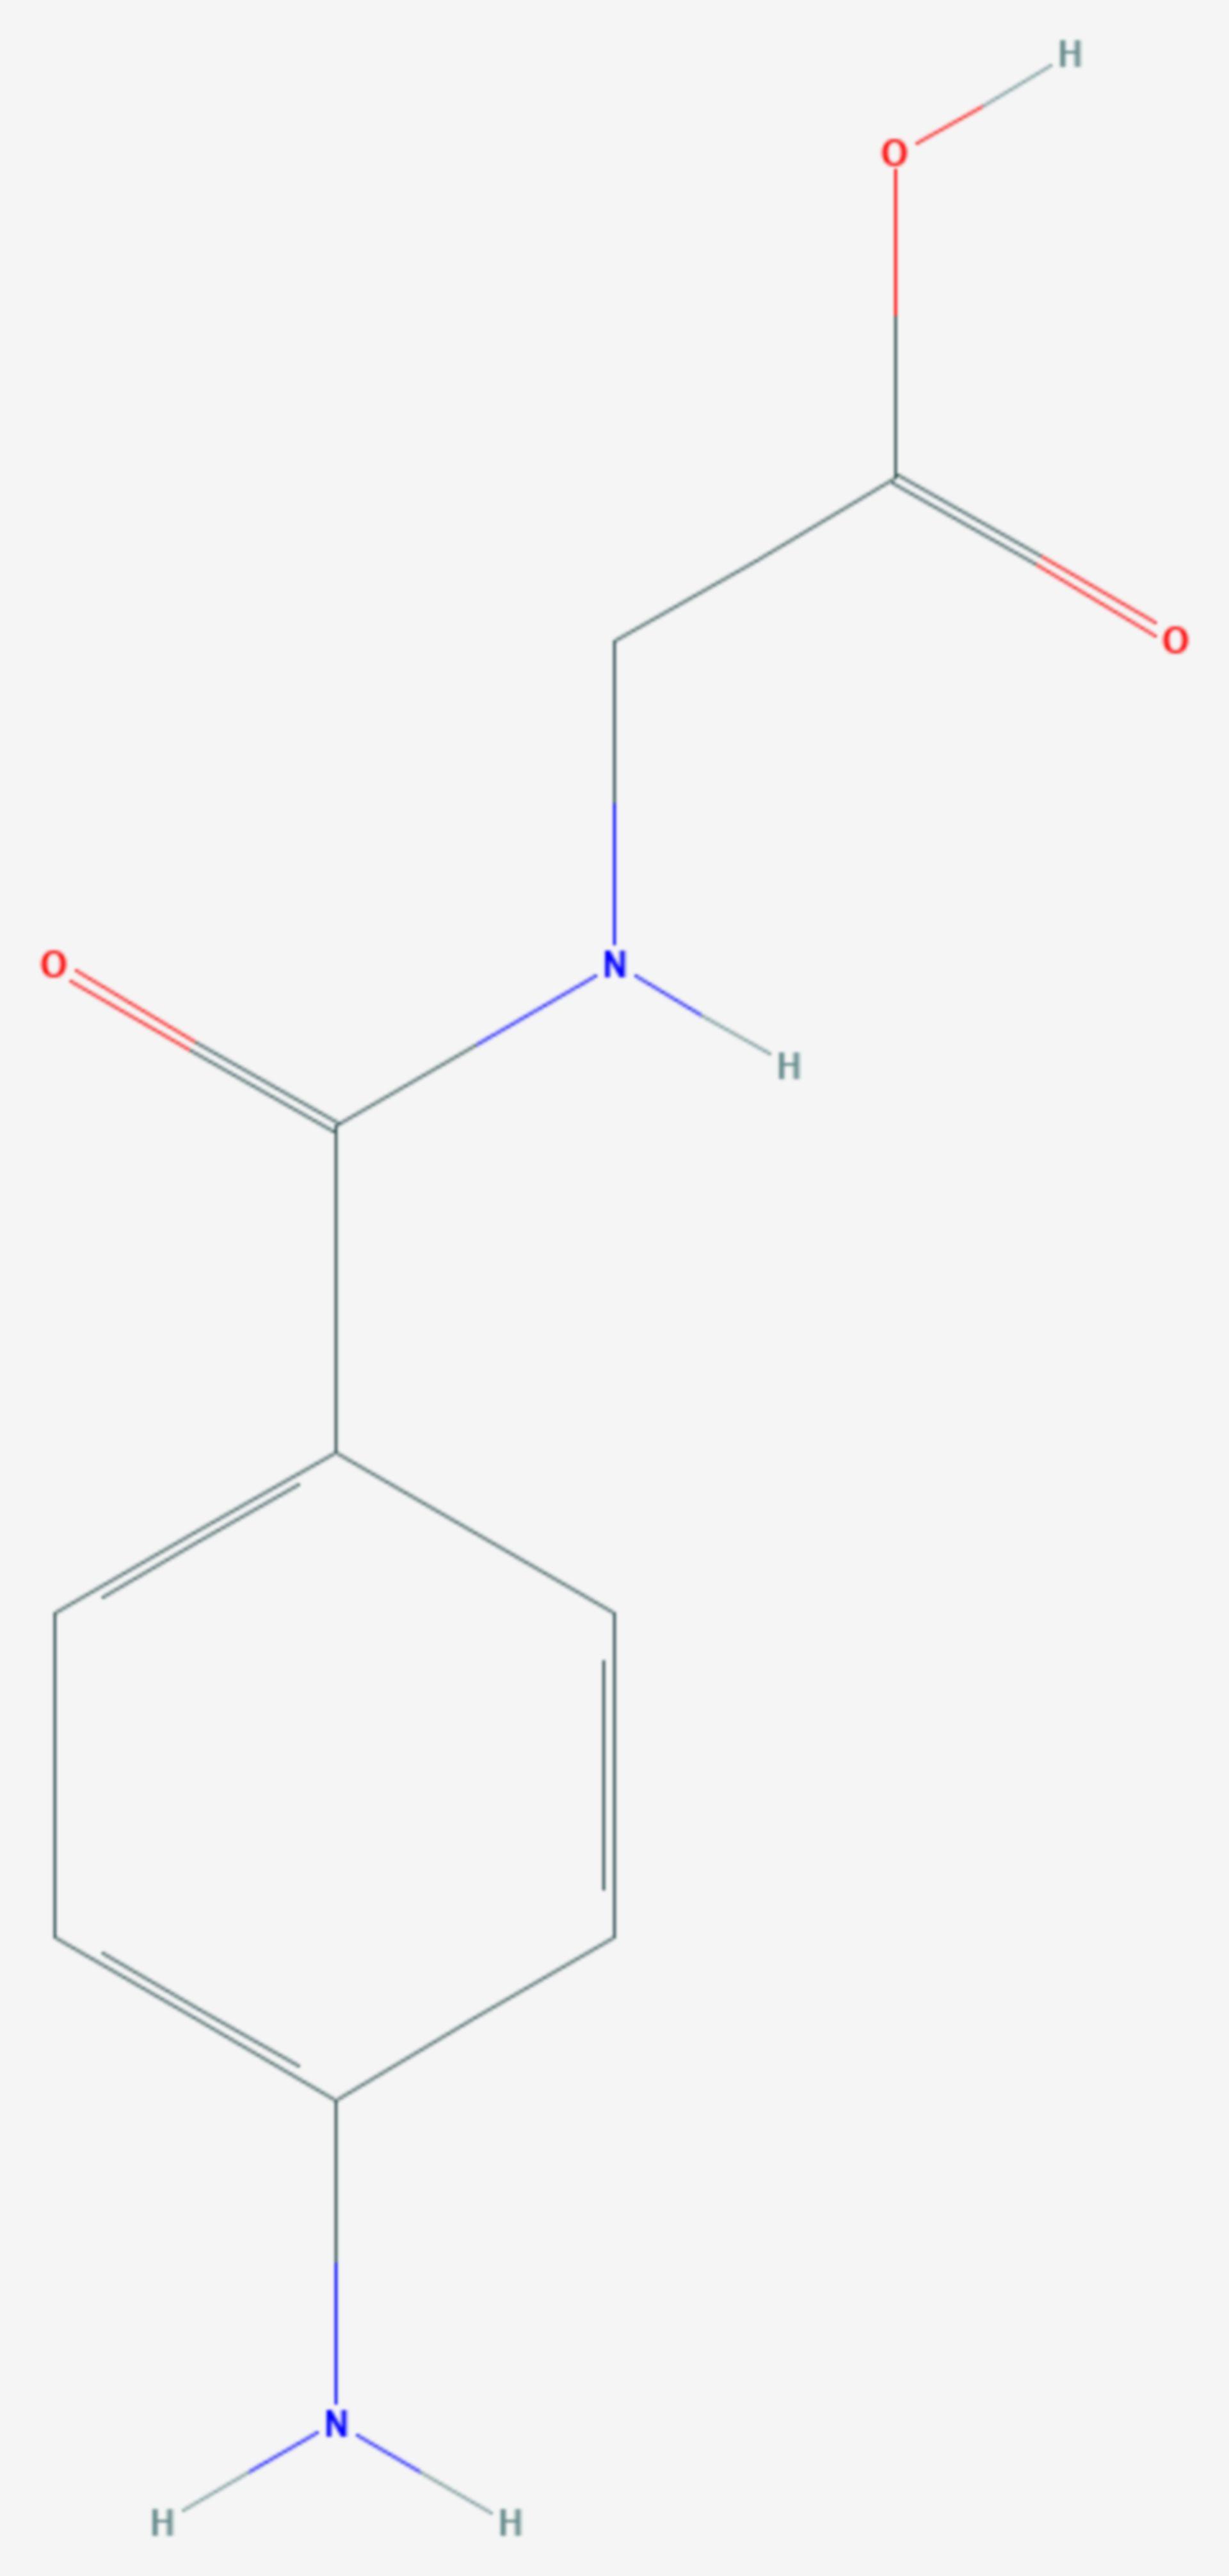 P-Aminohippursäure (Strukturformel)